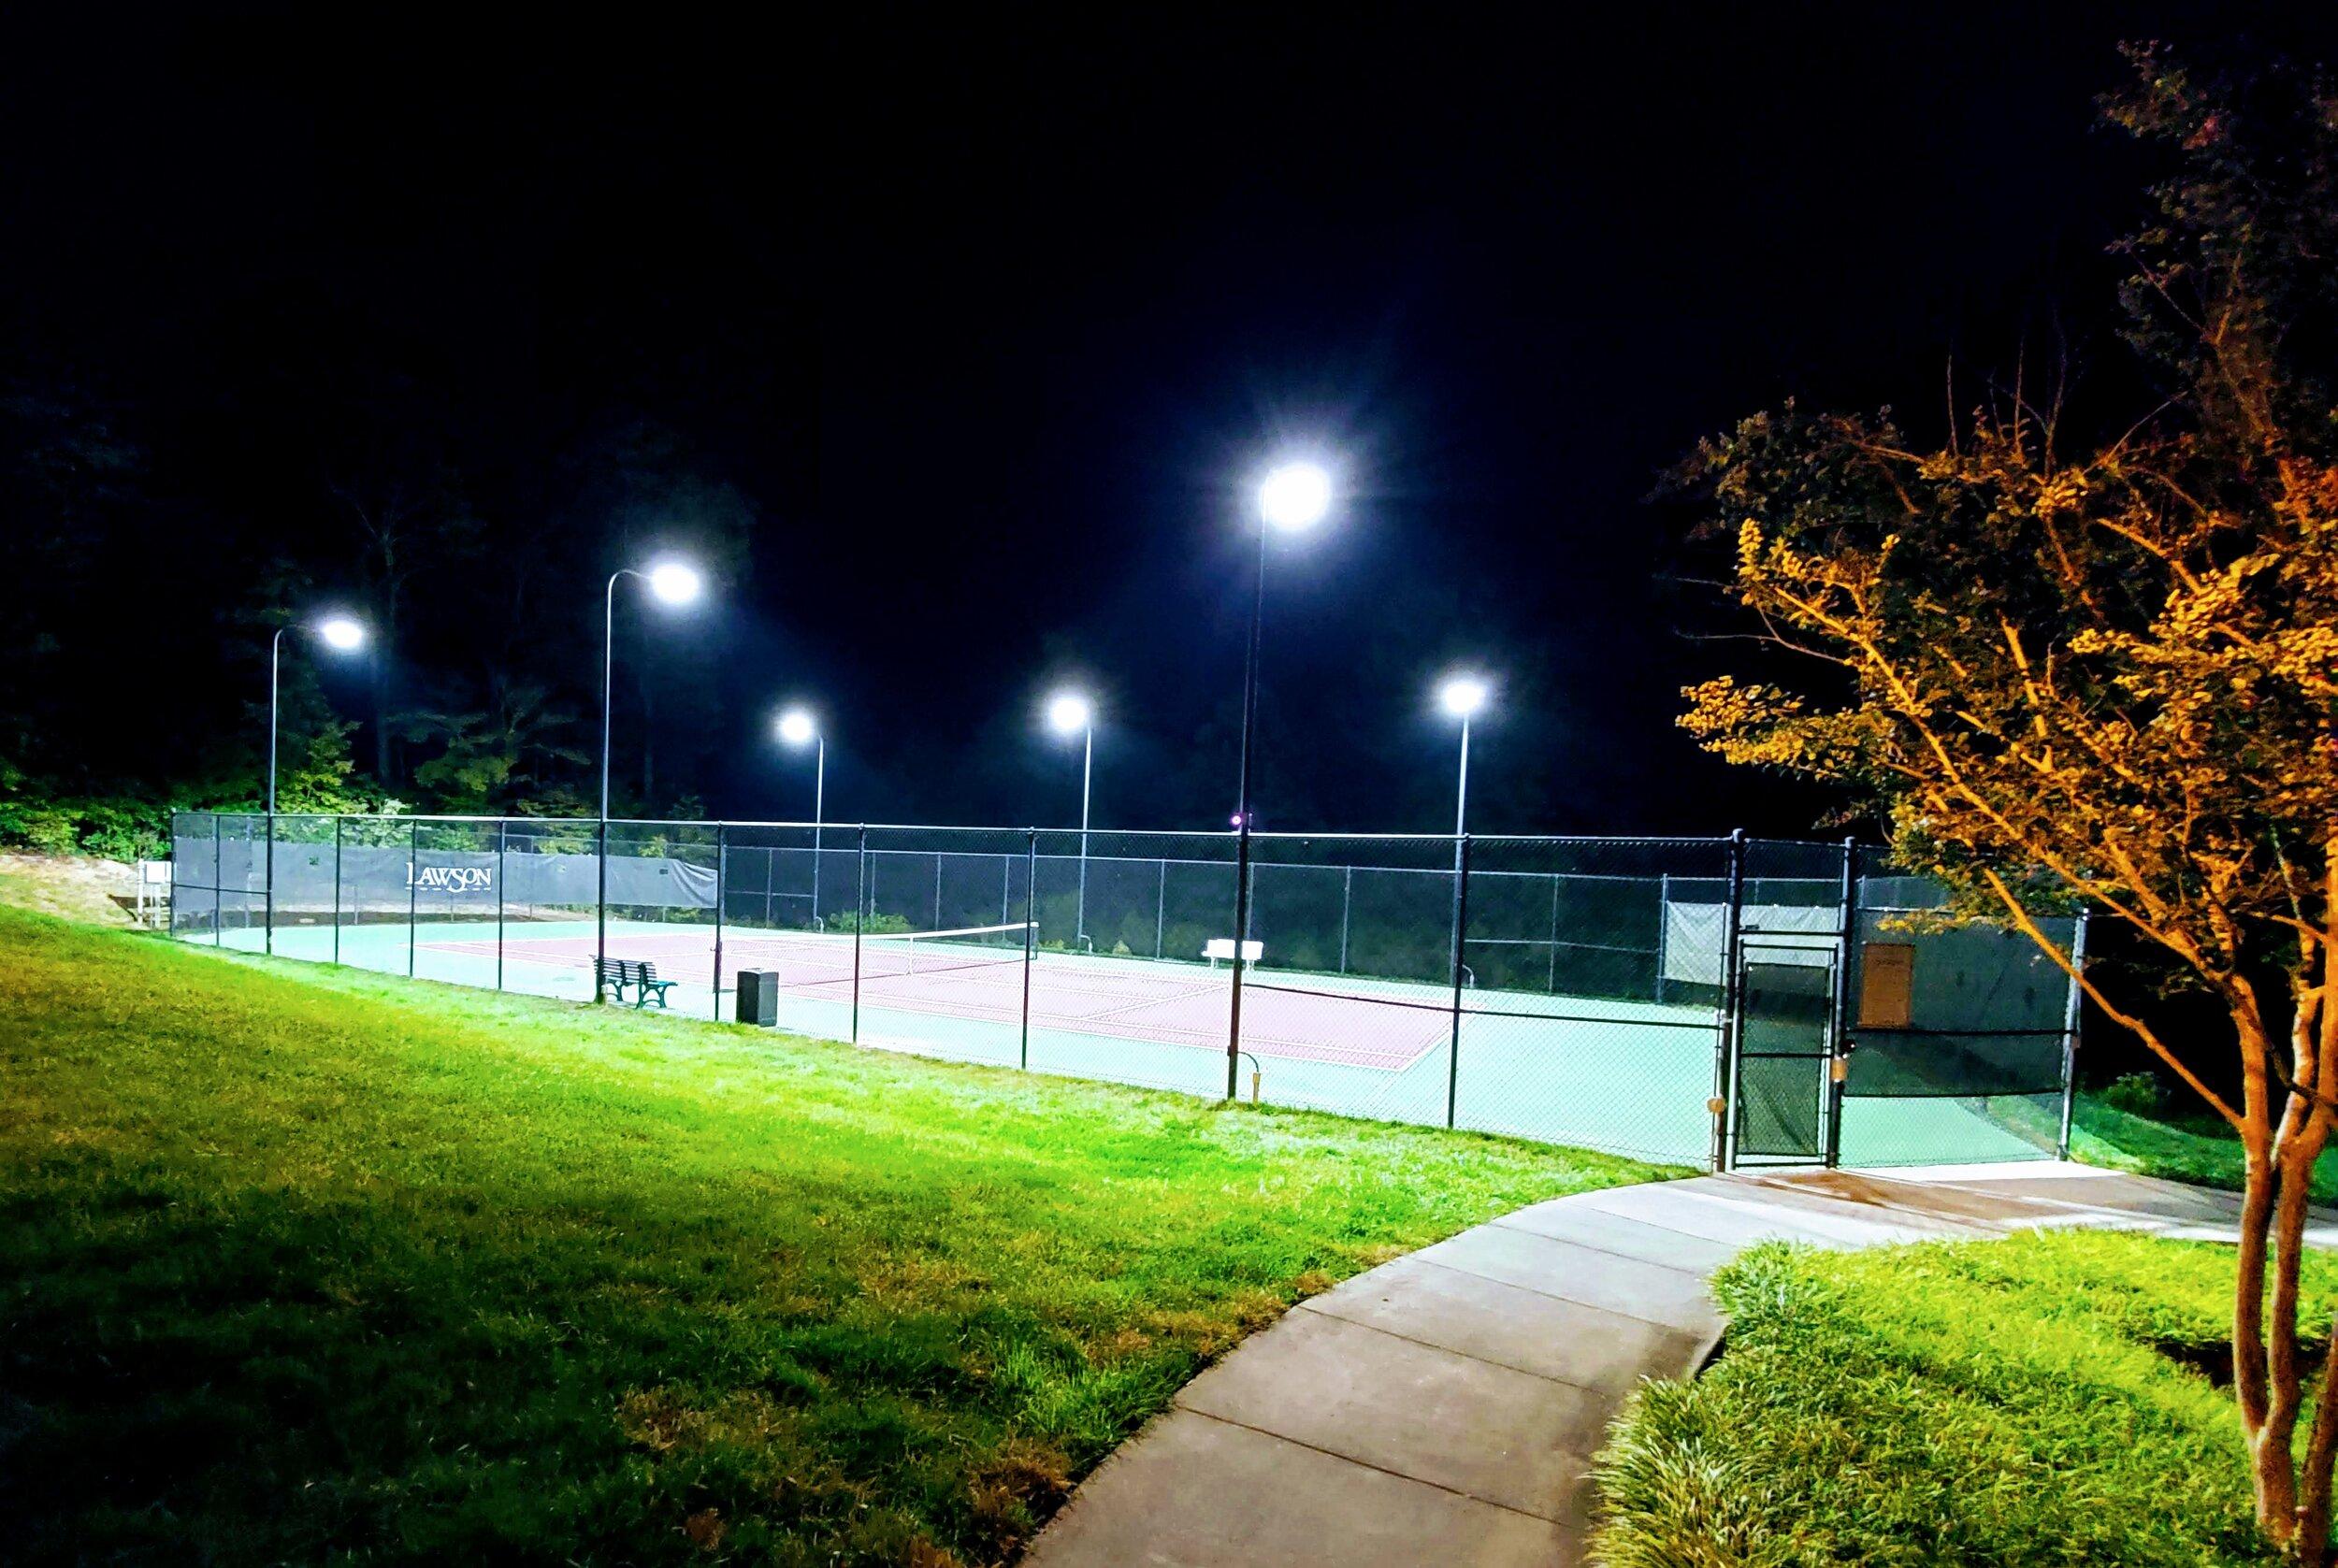 Lawson Tennis Courts (Upper)